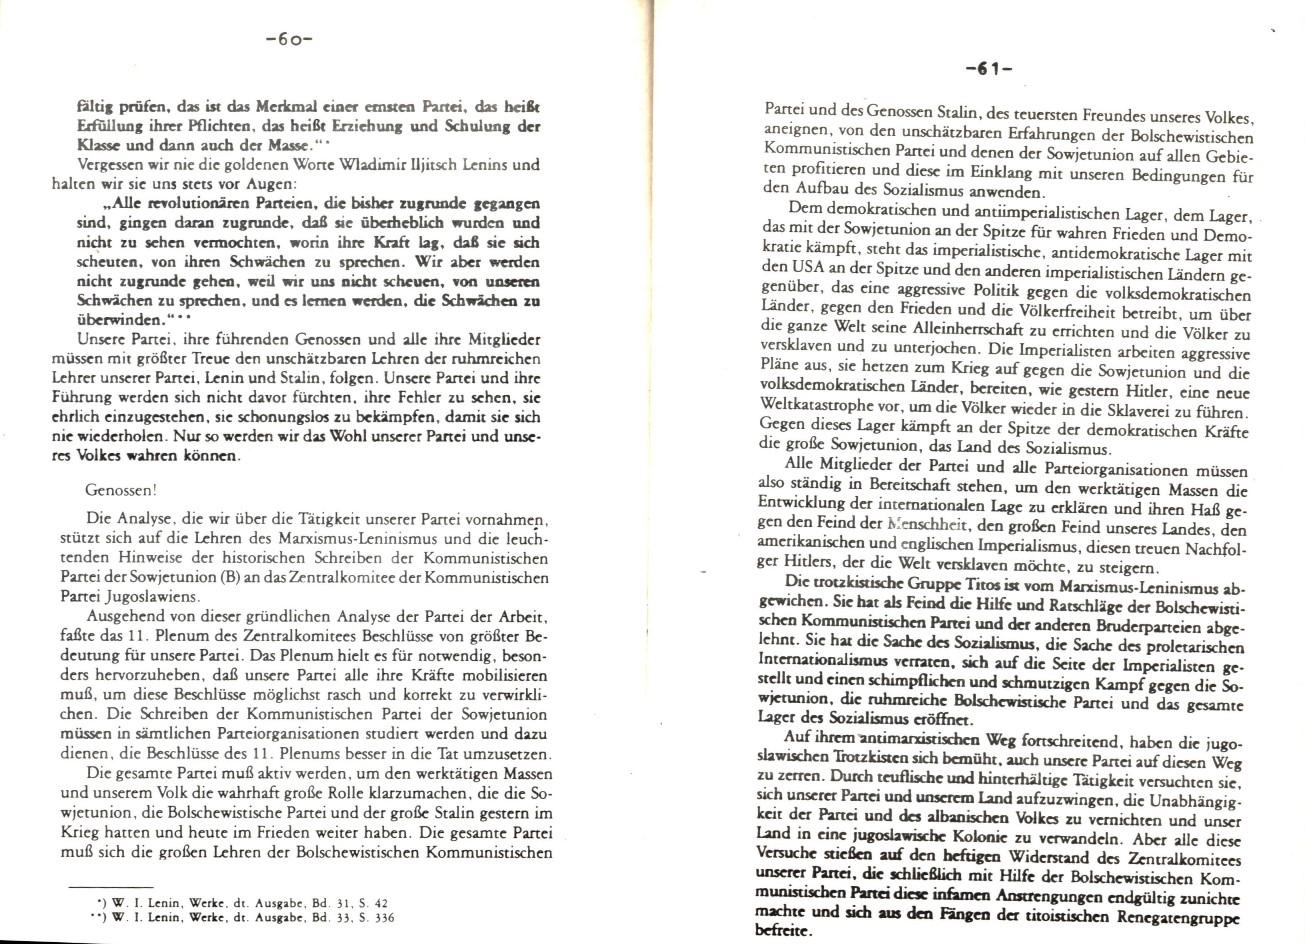 MLSK_Theorie_und_Praxis_des_ML_1979_24_32